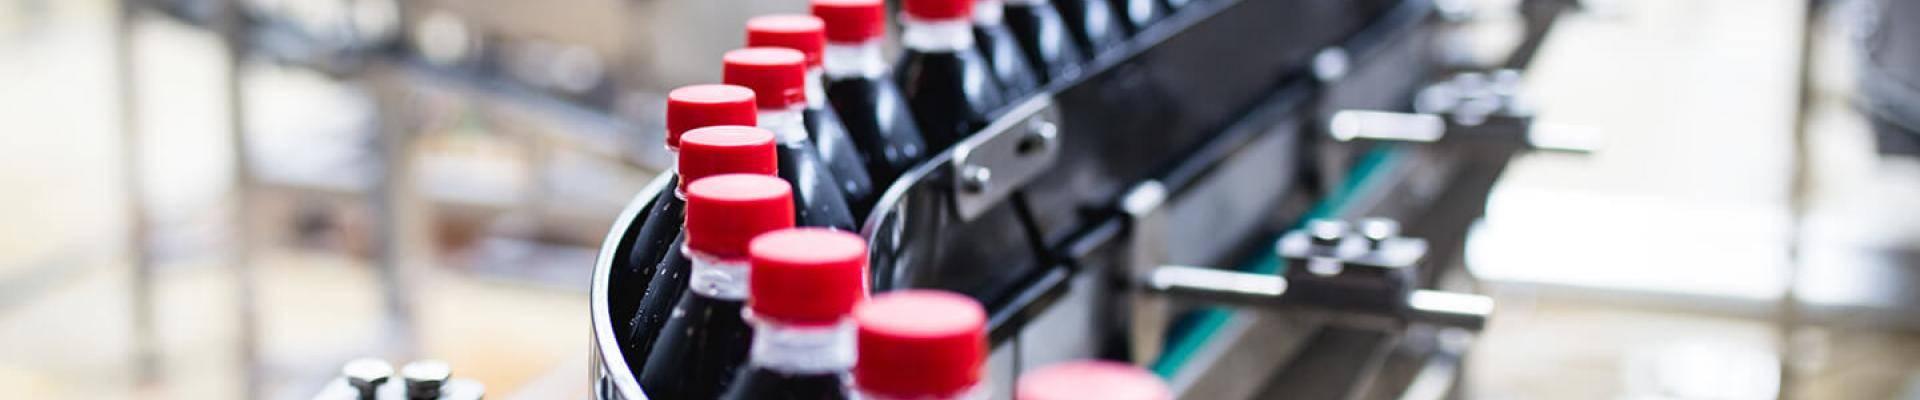 Как уменьшить статью затрат на энергоносители при производстве продуктов питания и напитков, когда на нее приходится 15% от всех эксплуатационных расходов